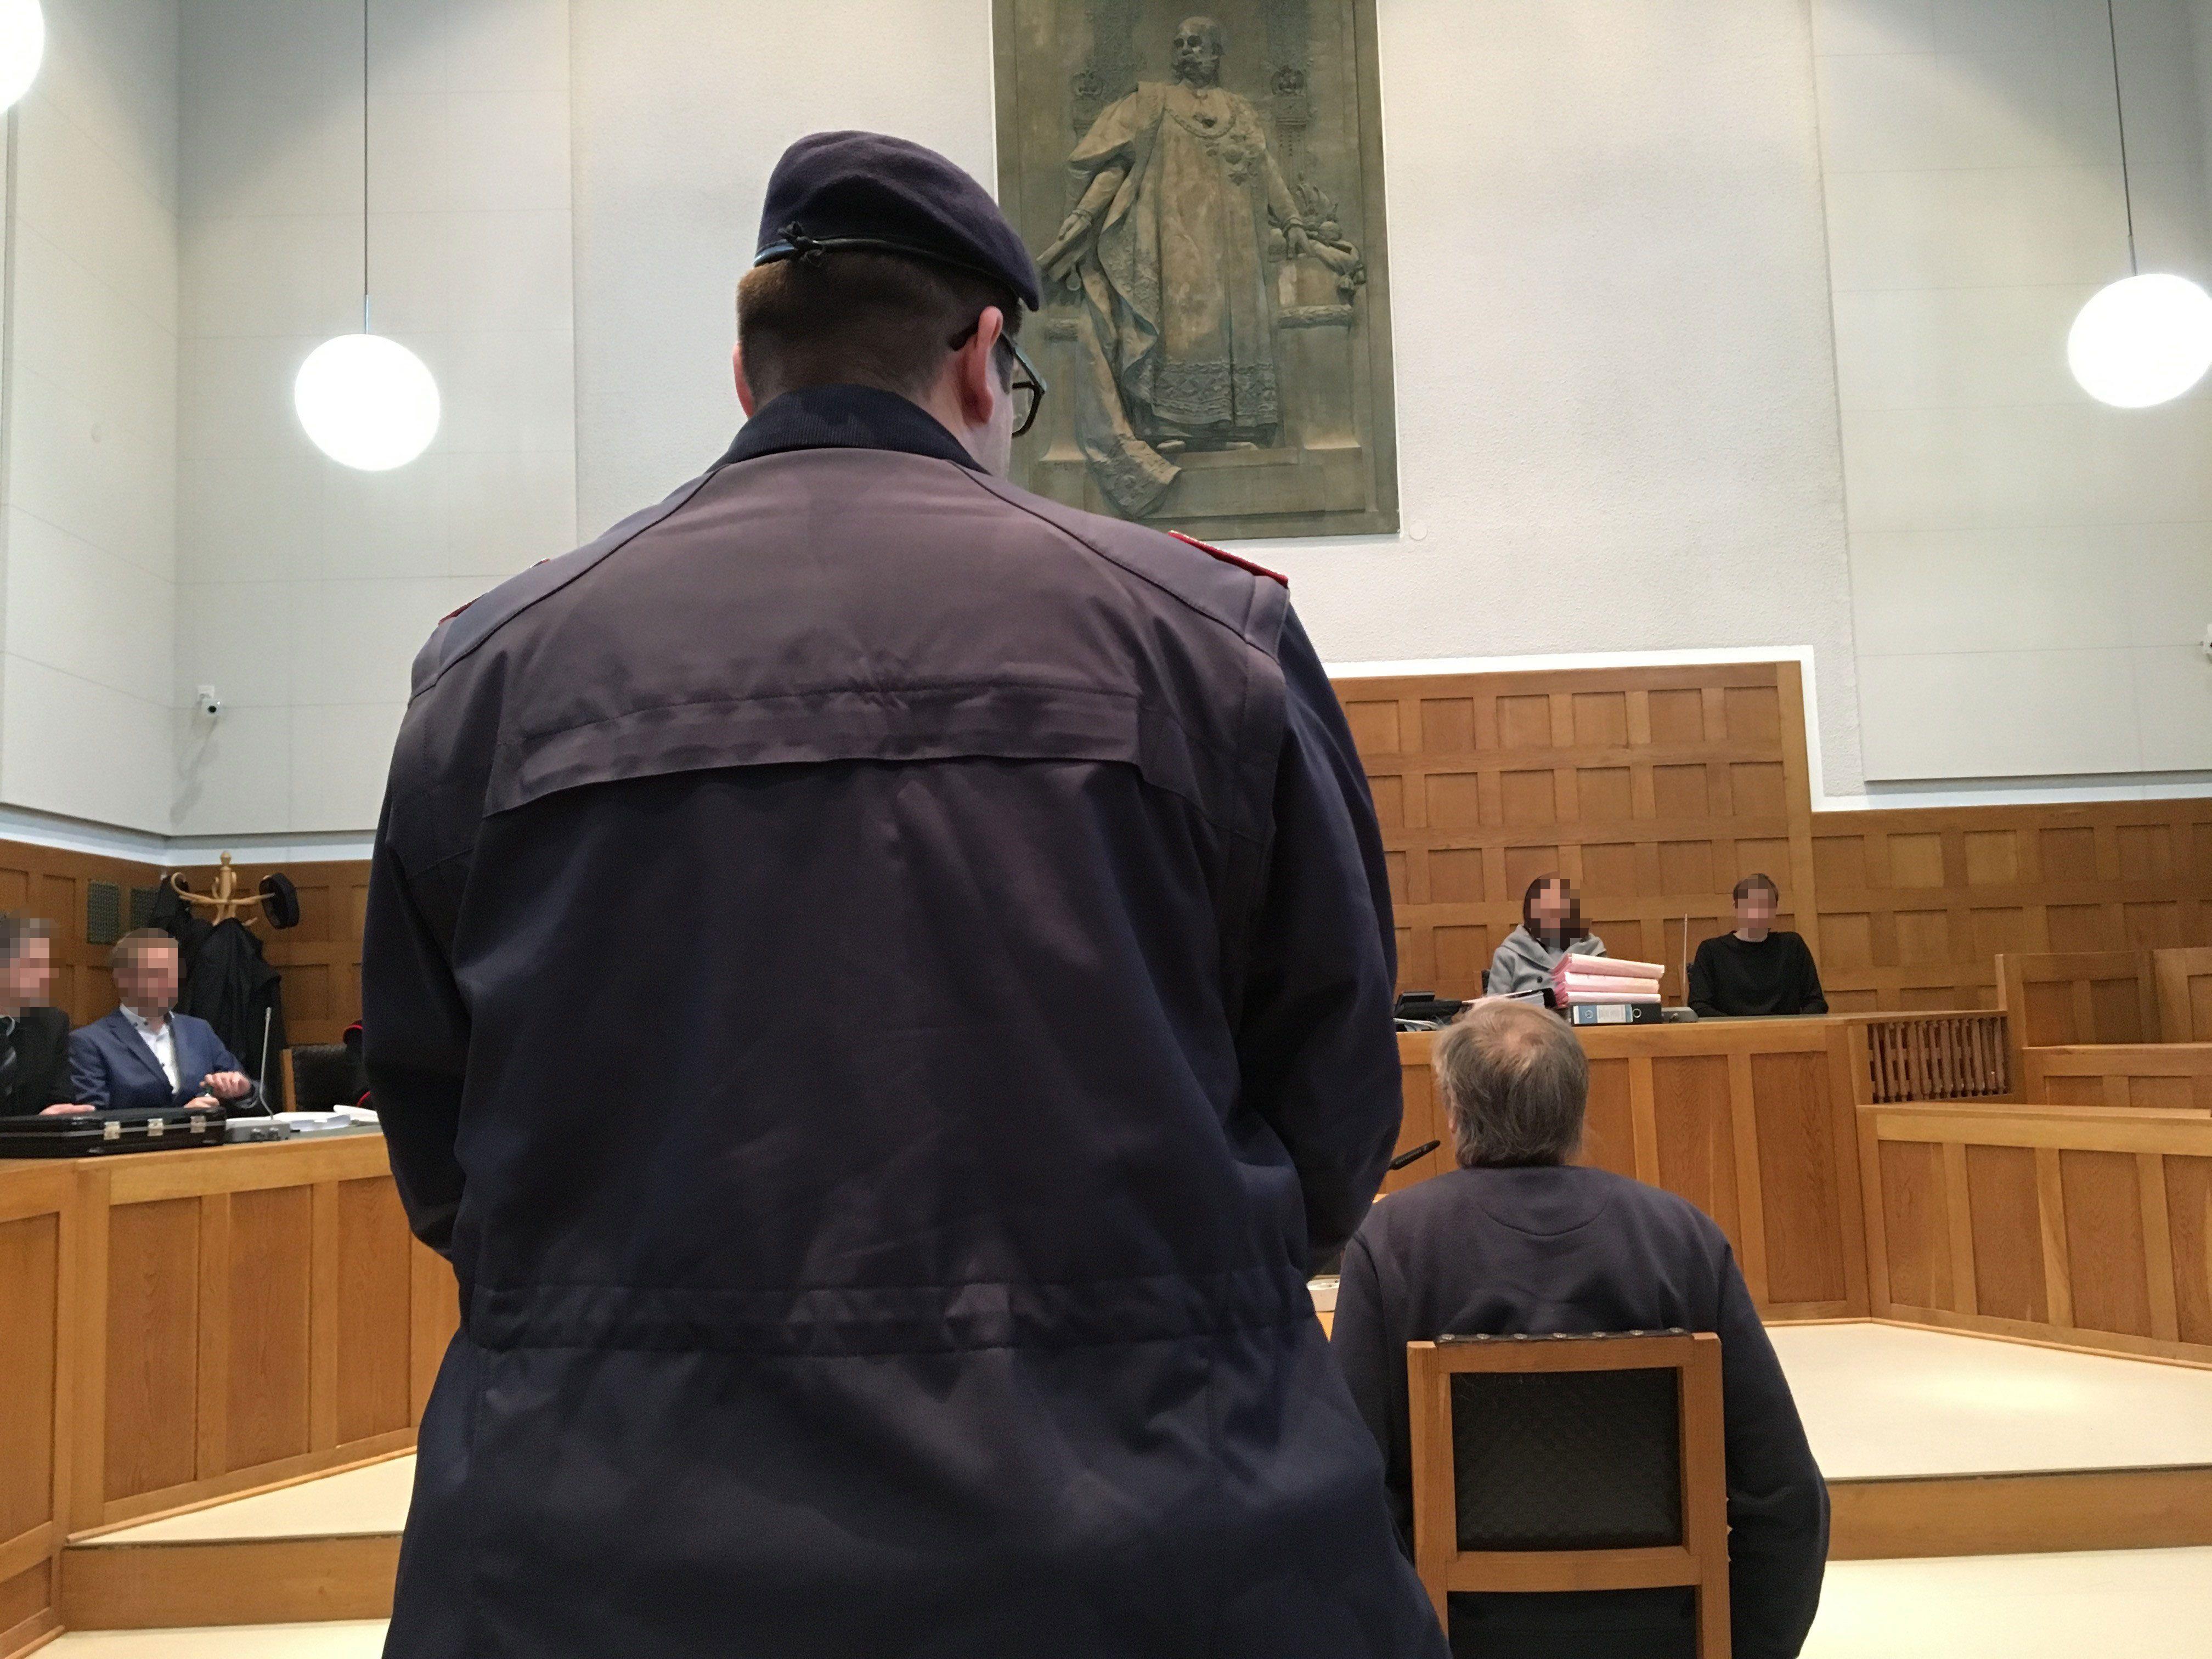 Vorarlberg: Postkartenräuber steht heute in Feldkirch vor Gericht